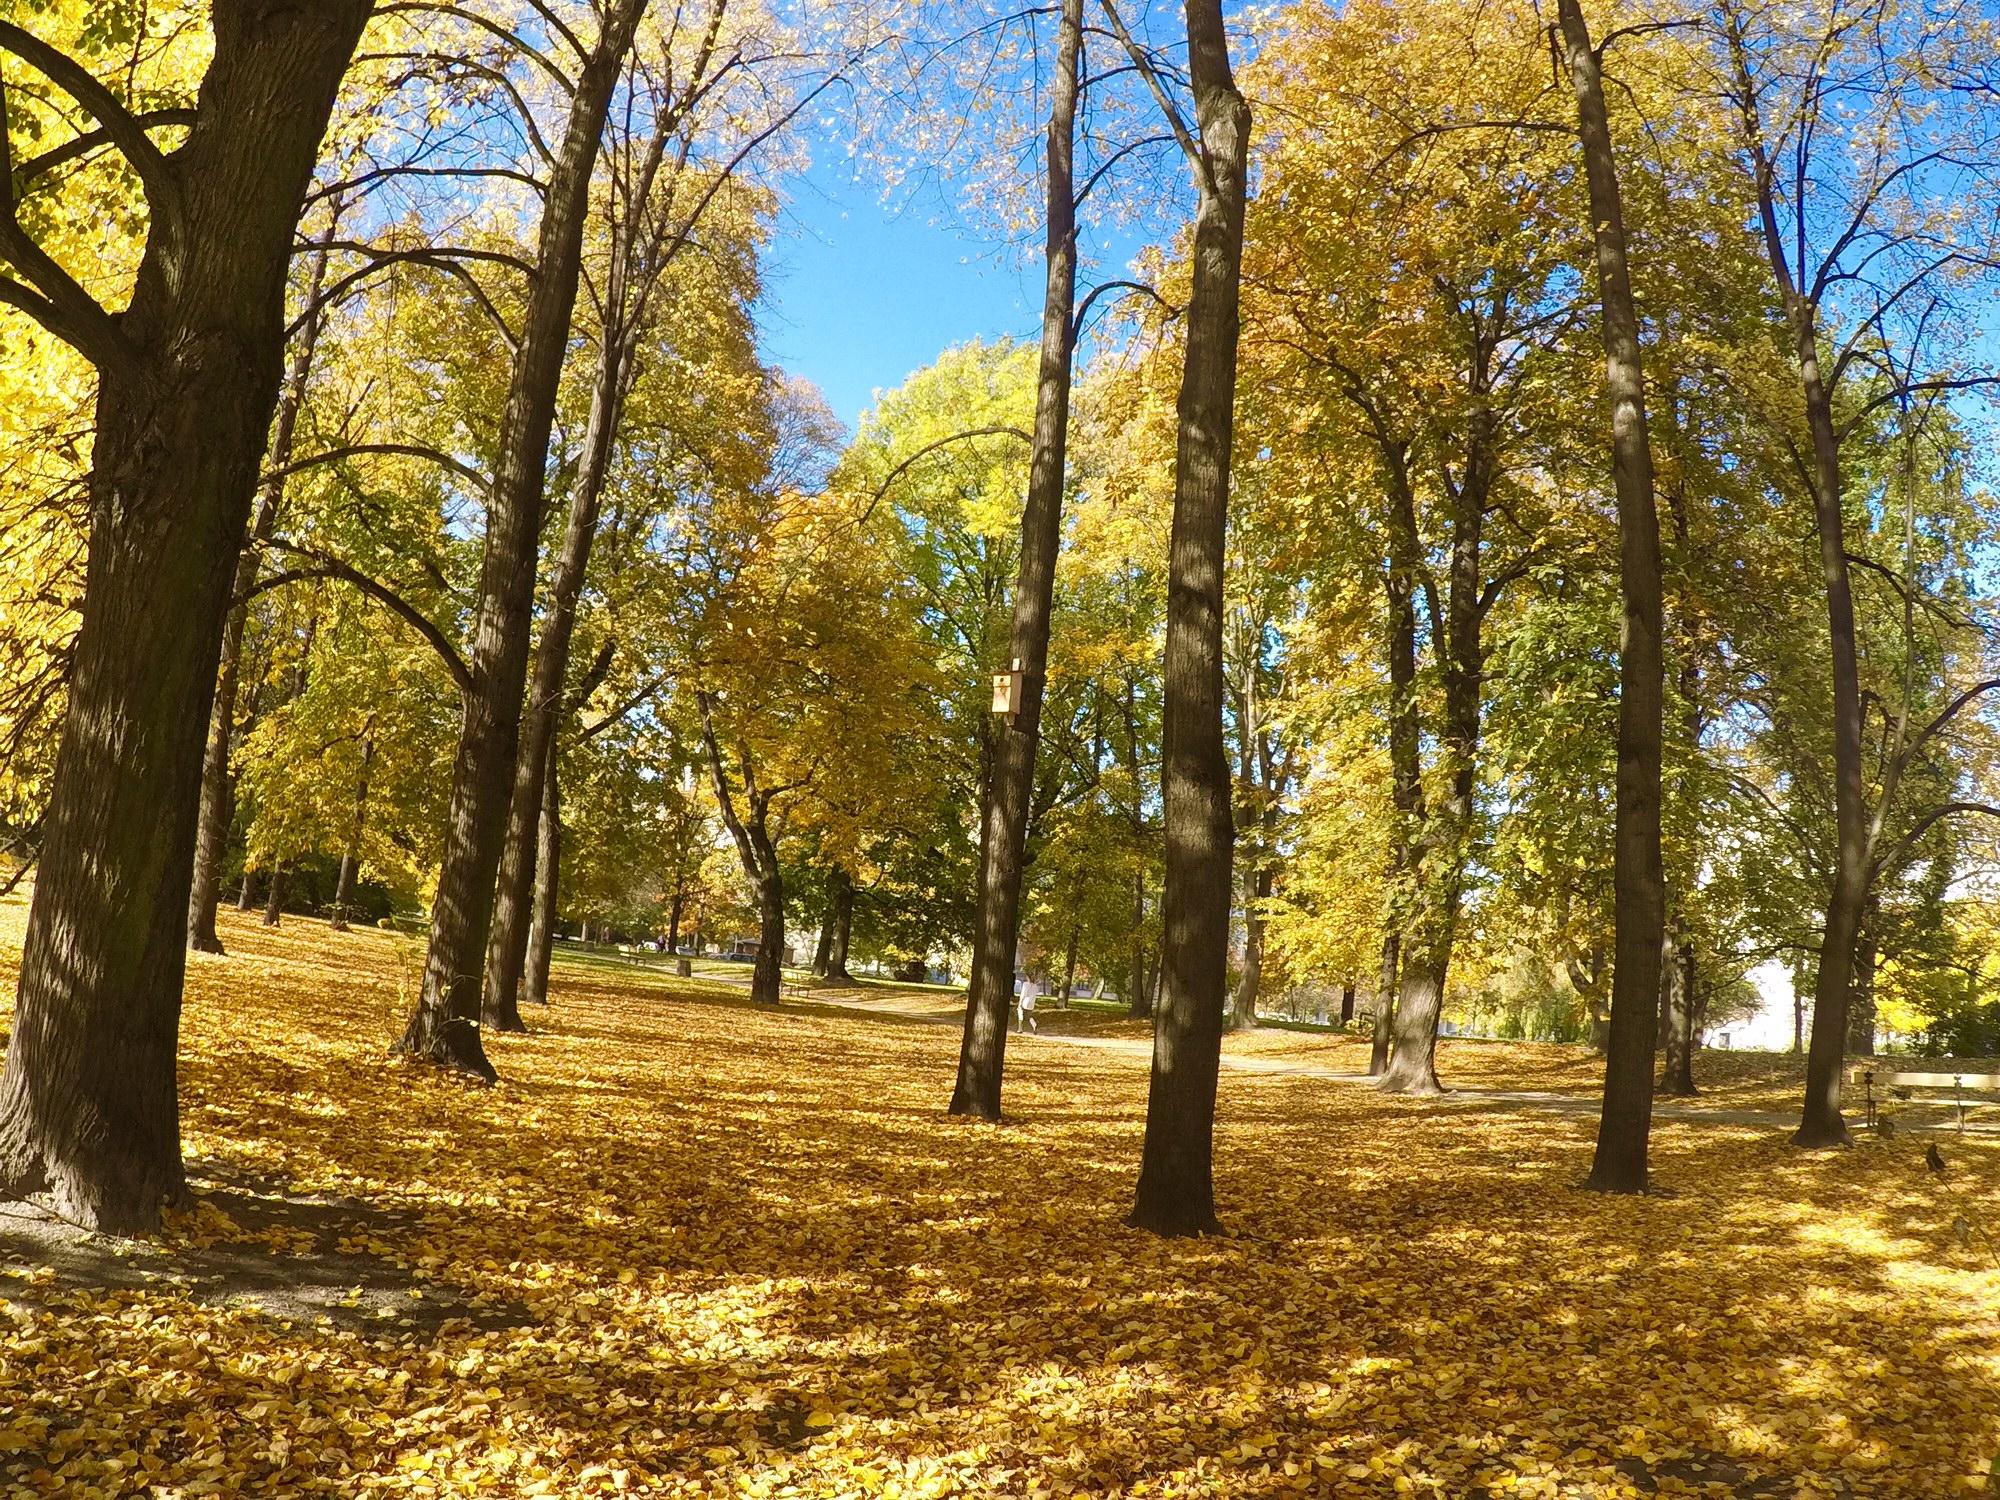 ポーランドのベストシーズン 黄金の秋